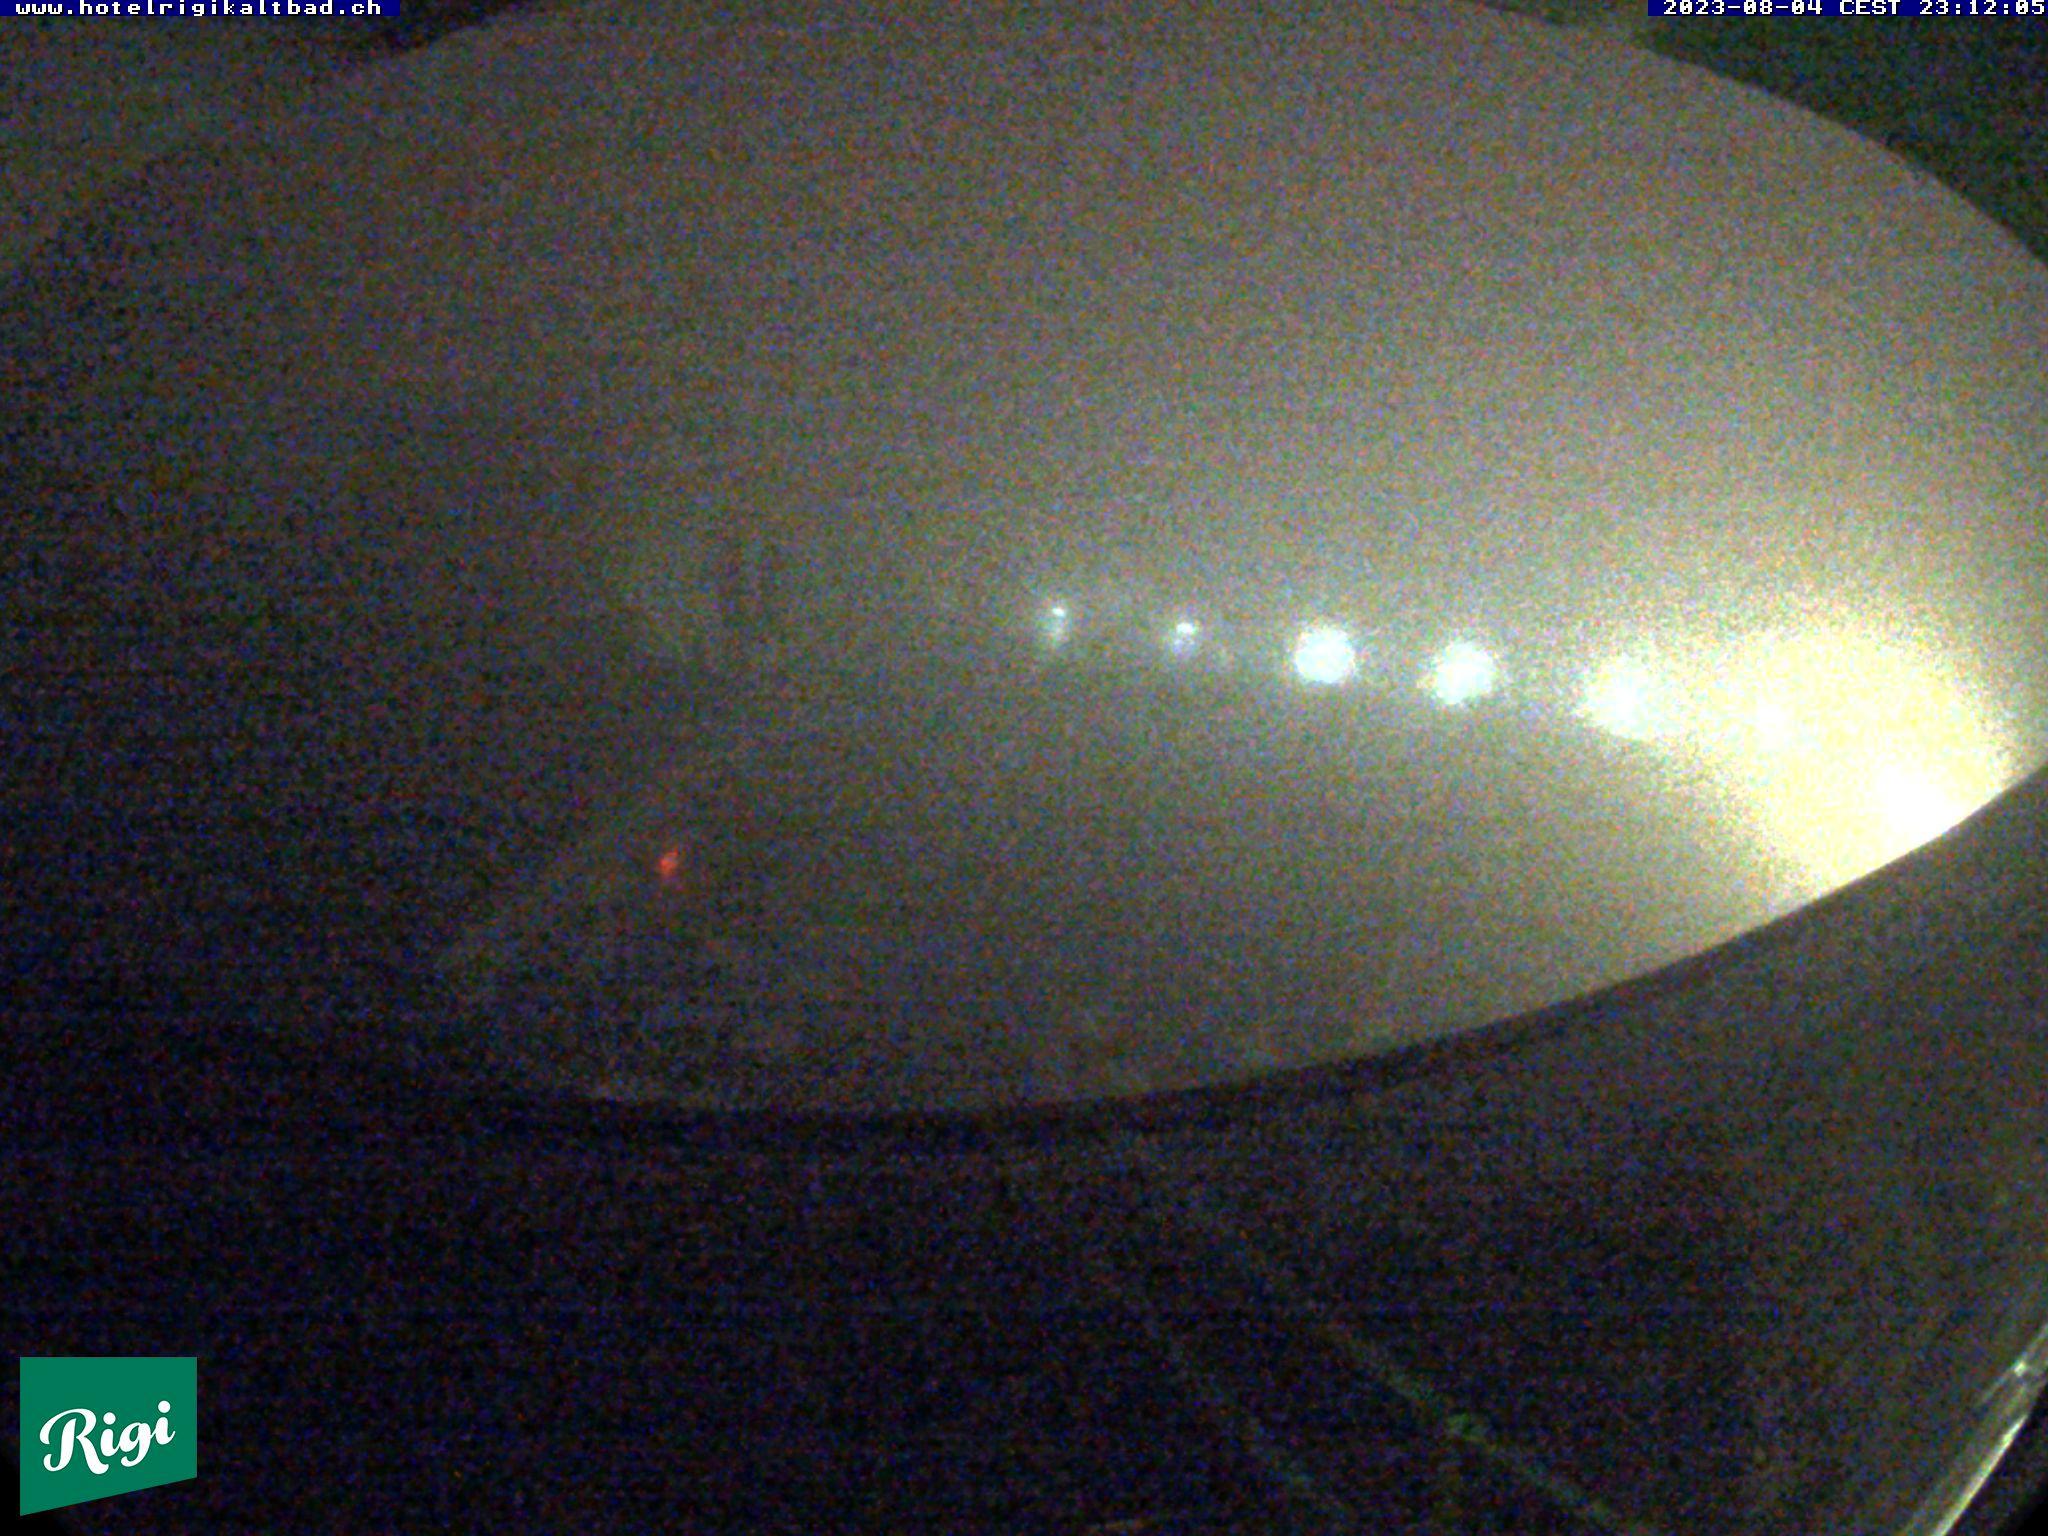 Webcam Dach Hotel Rigi Kaltbad